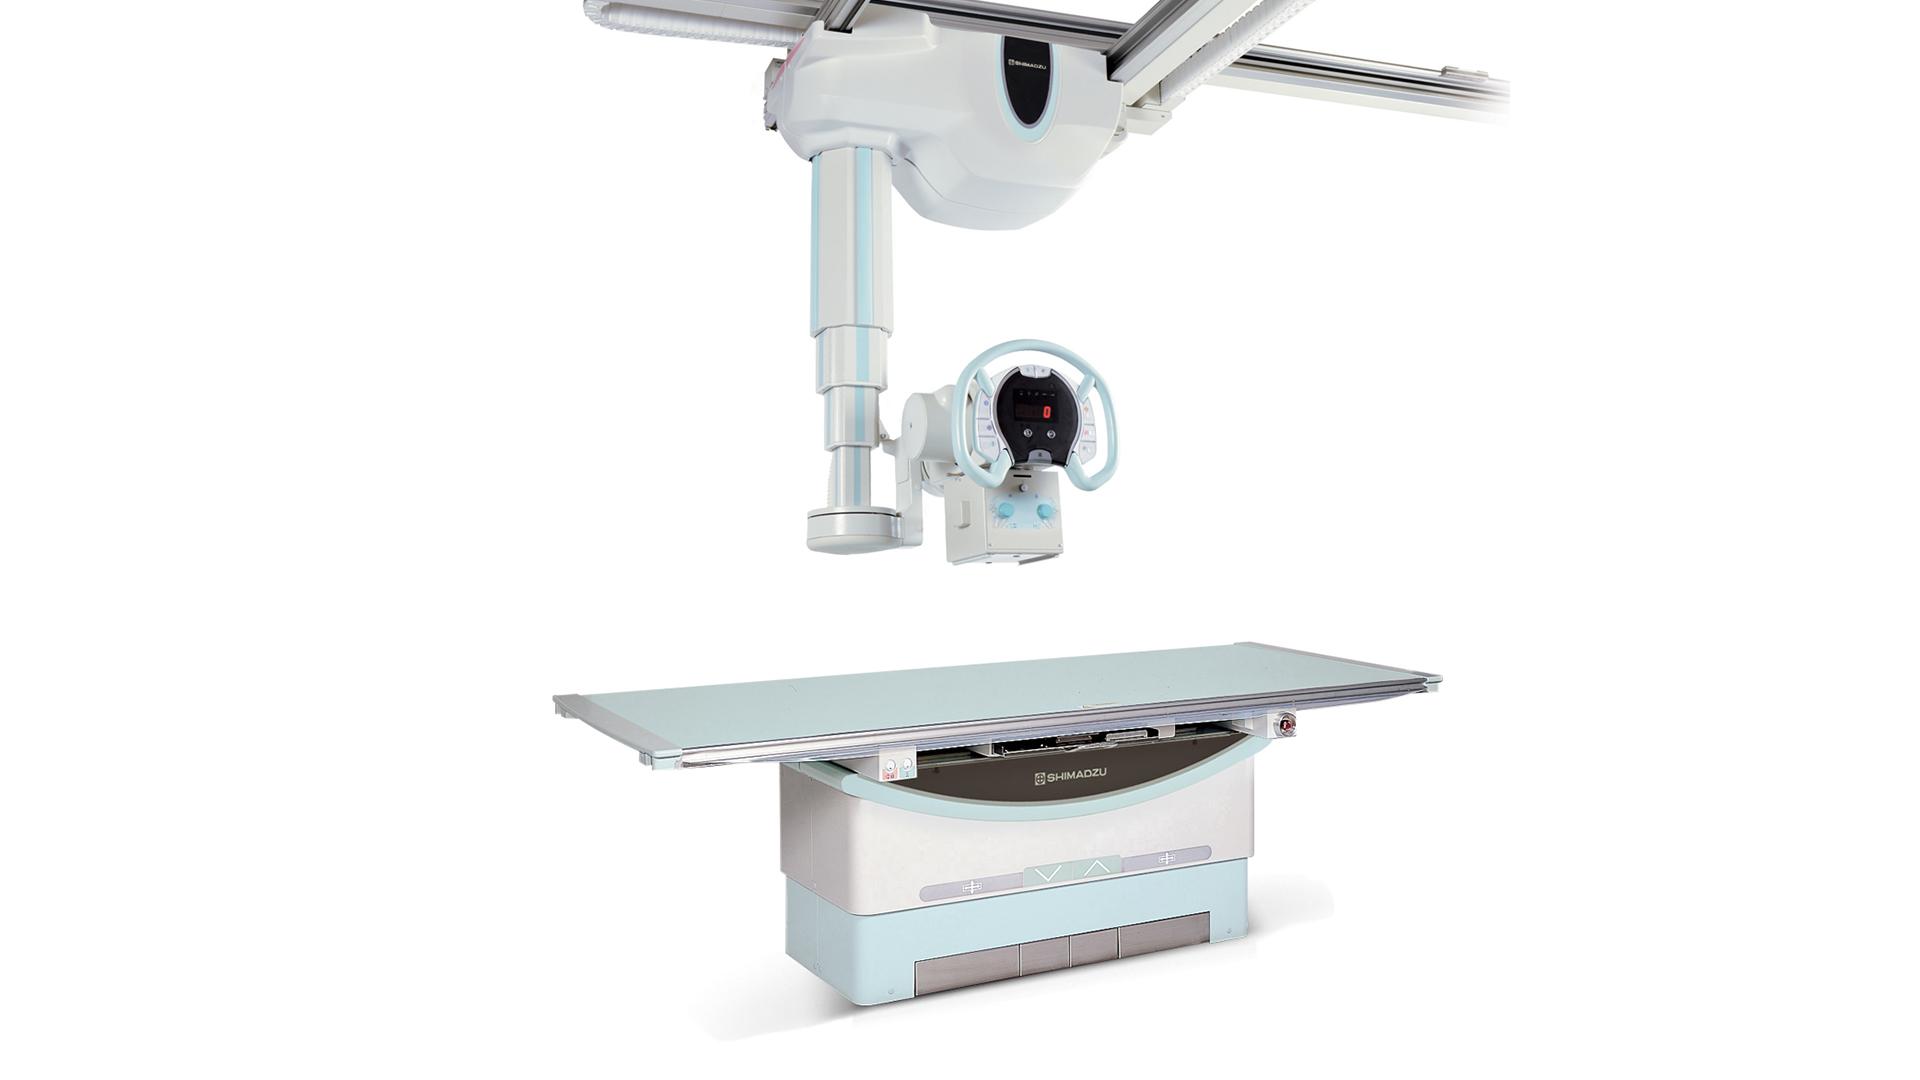 Röntgentechnik Deckengefuehrte Anlagen: RADspeed Pro MC